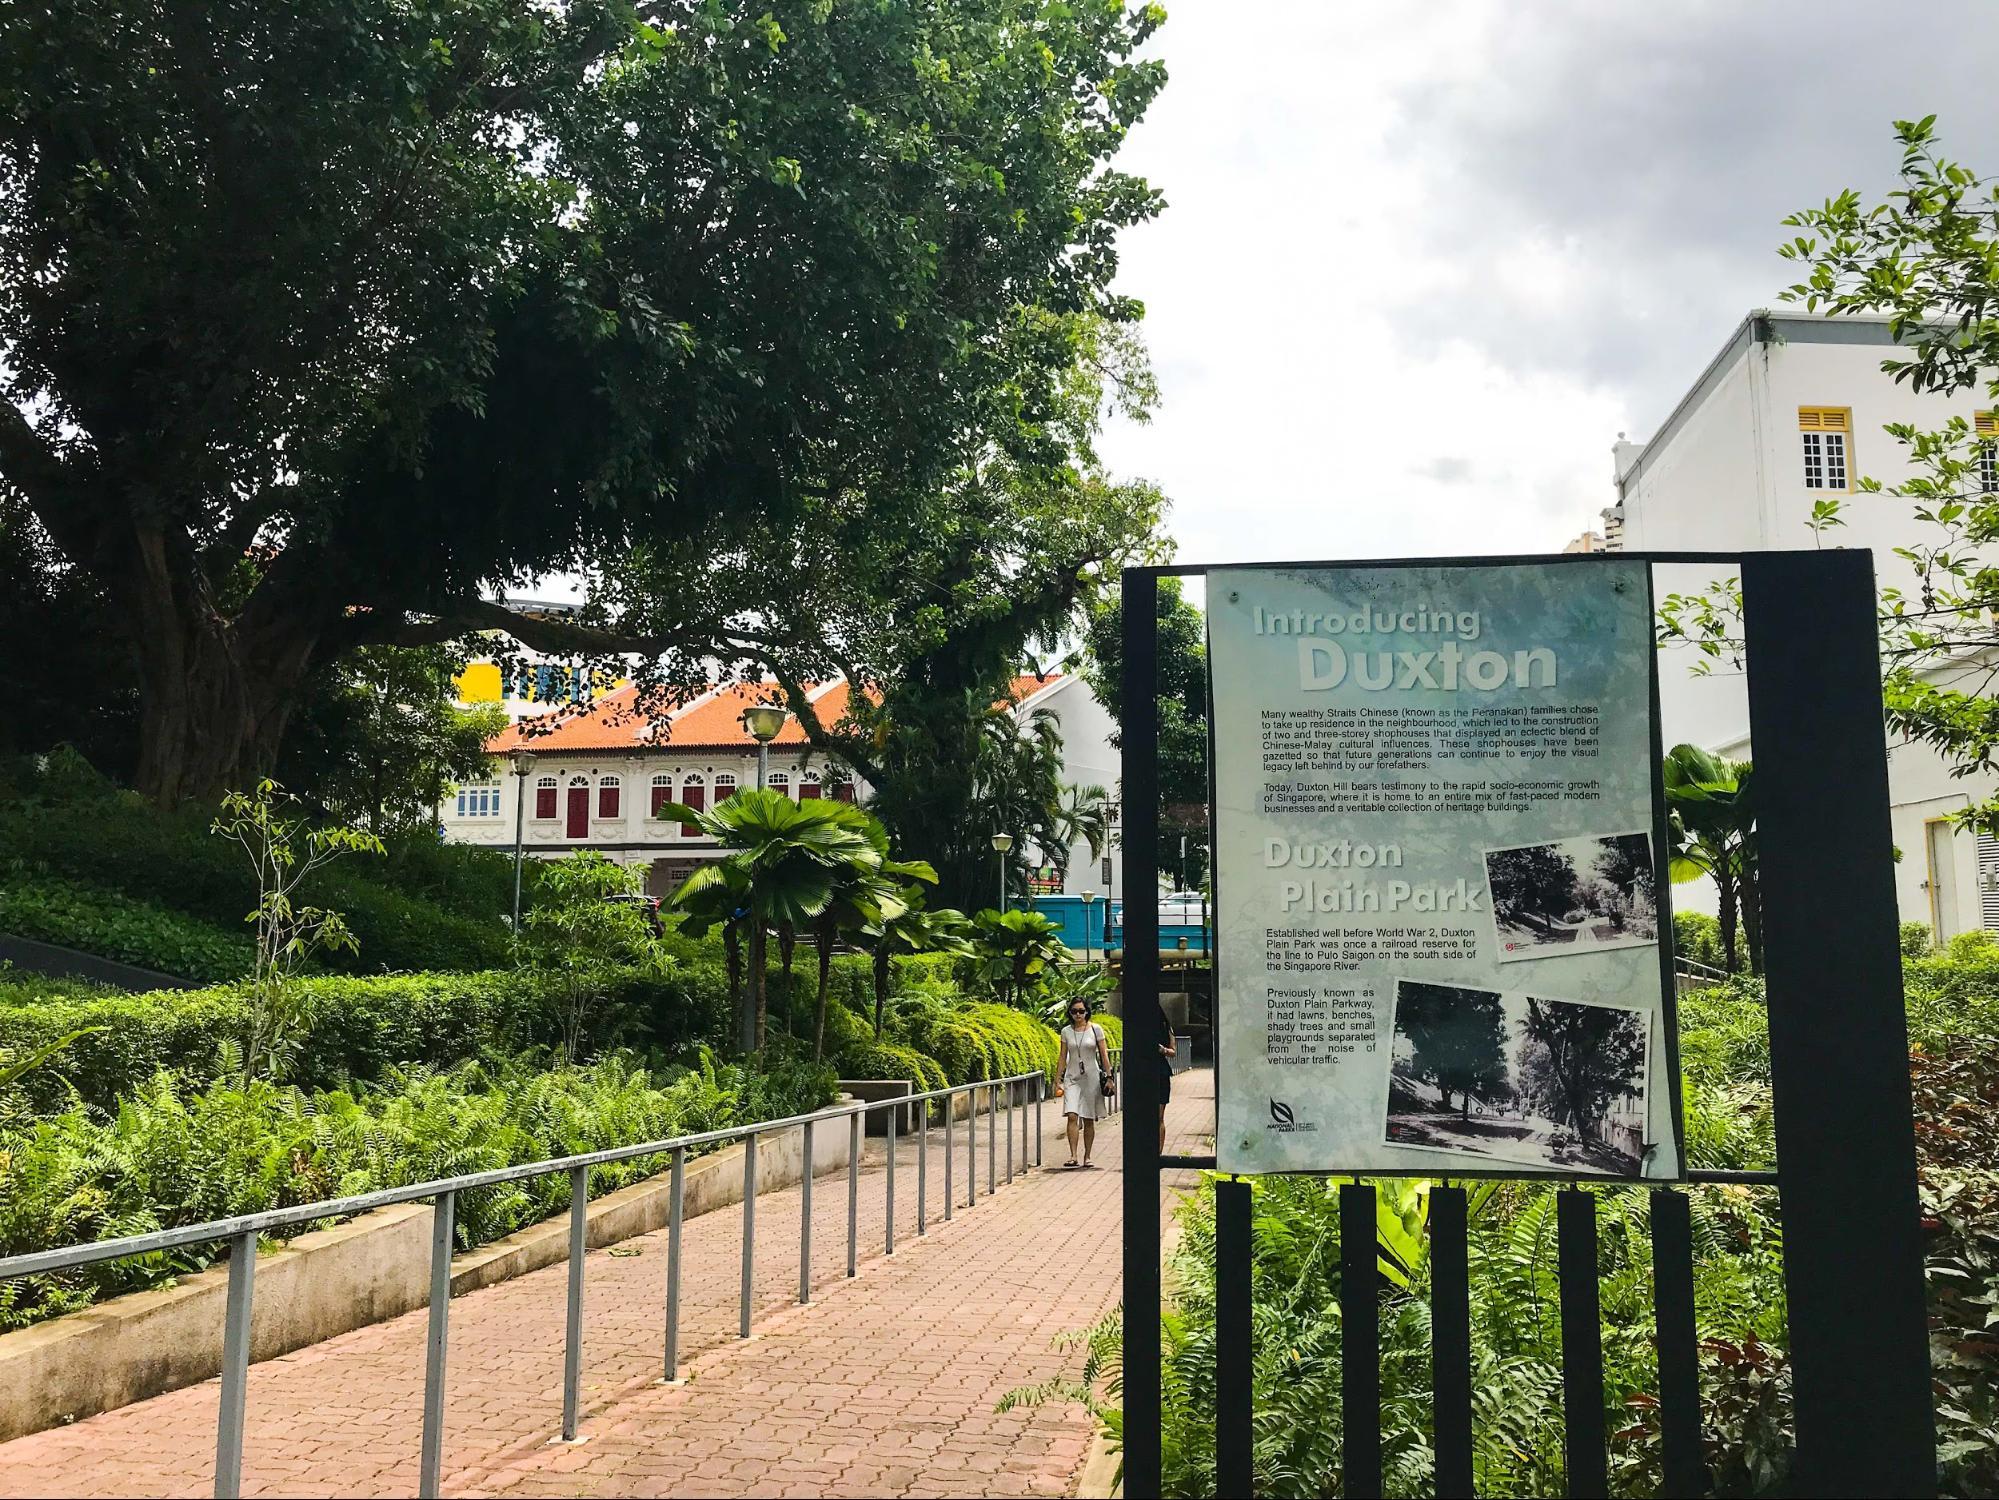 bảng giới thiệu công viên duxton plain